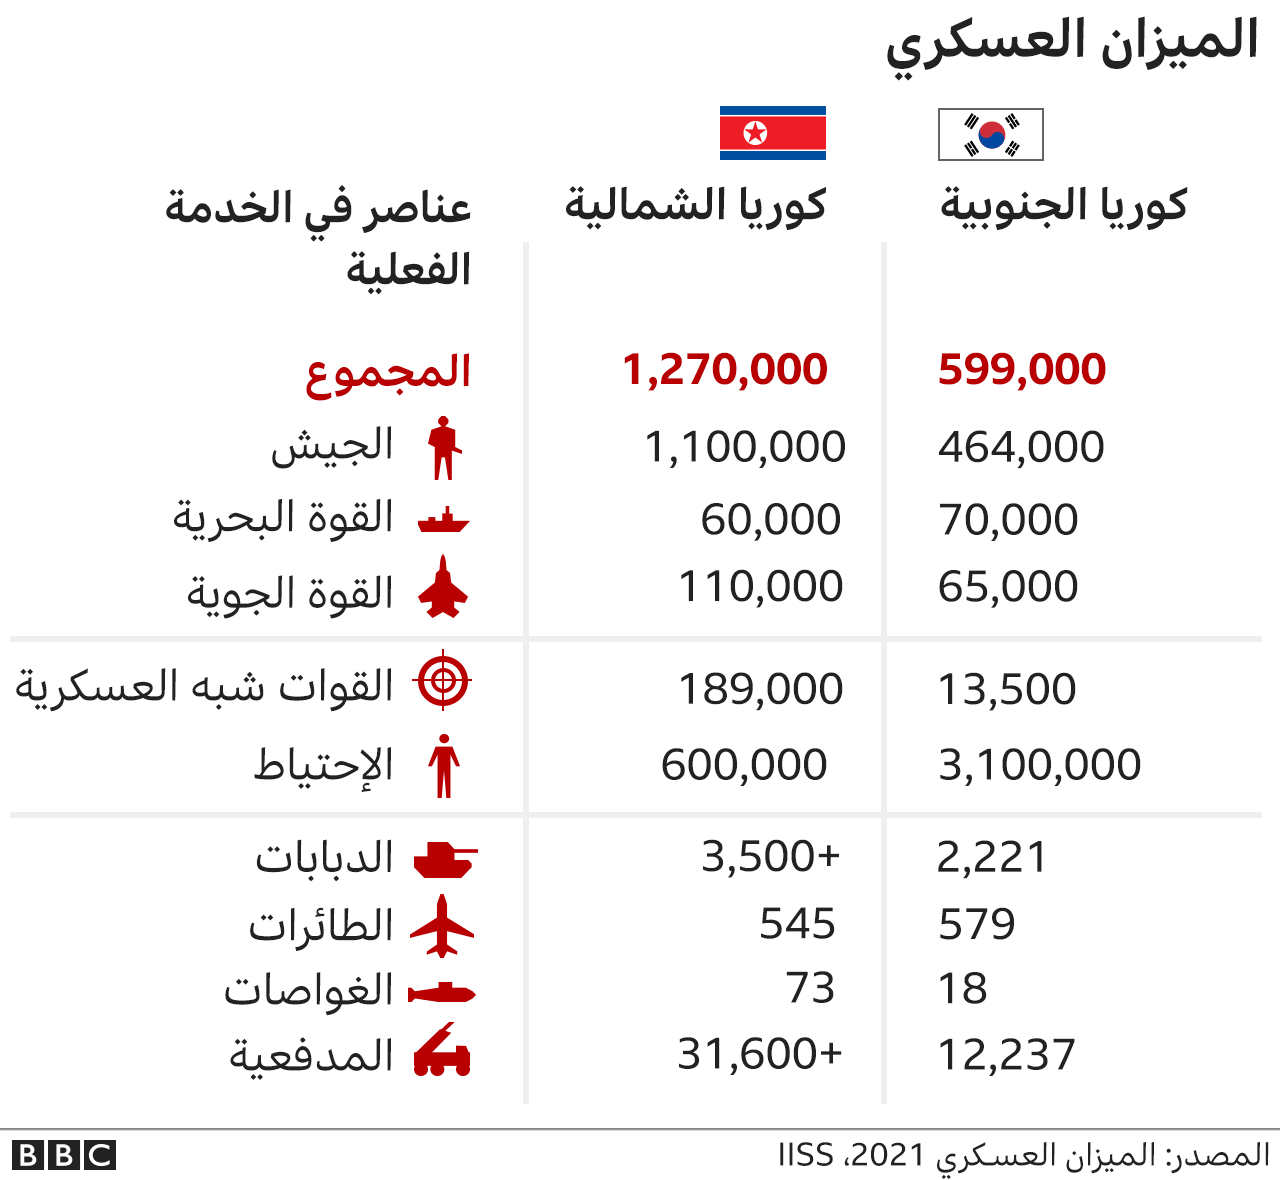 الميزان العسكري